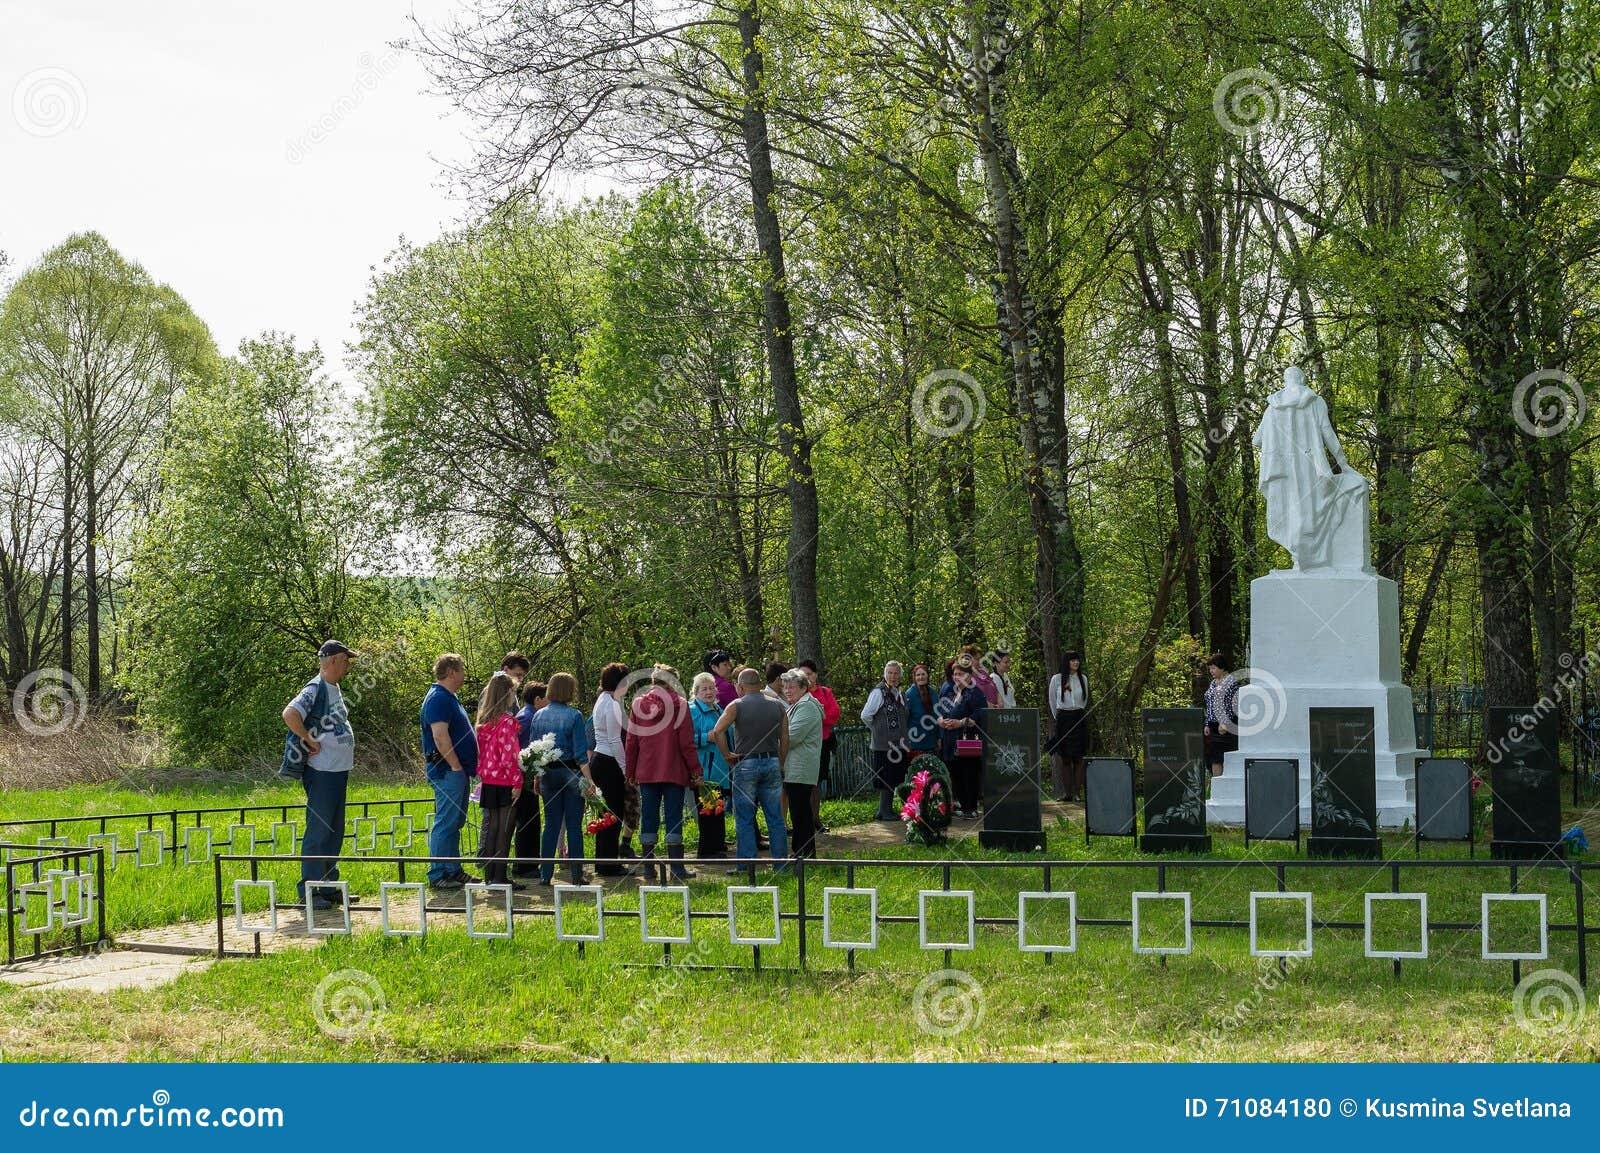 A cerimônia na sepultura maciça na vila da região de Kaluga (Rússia) em 8 pode 2016